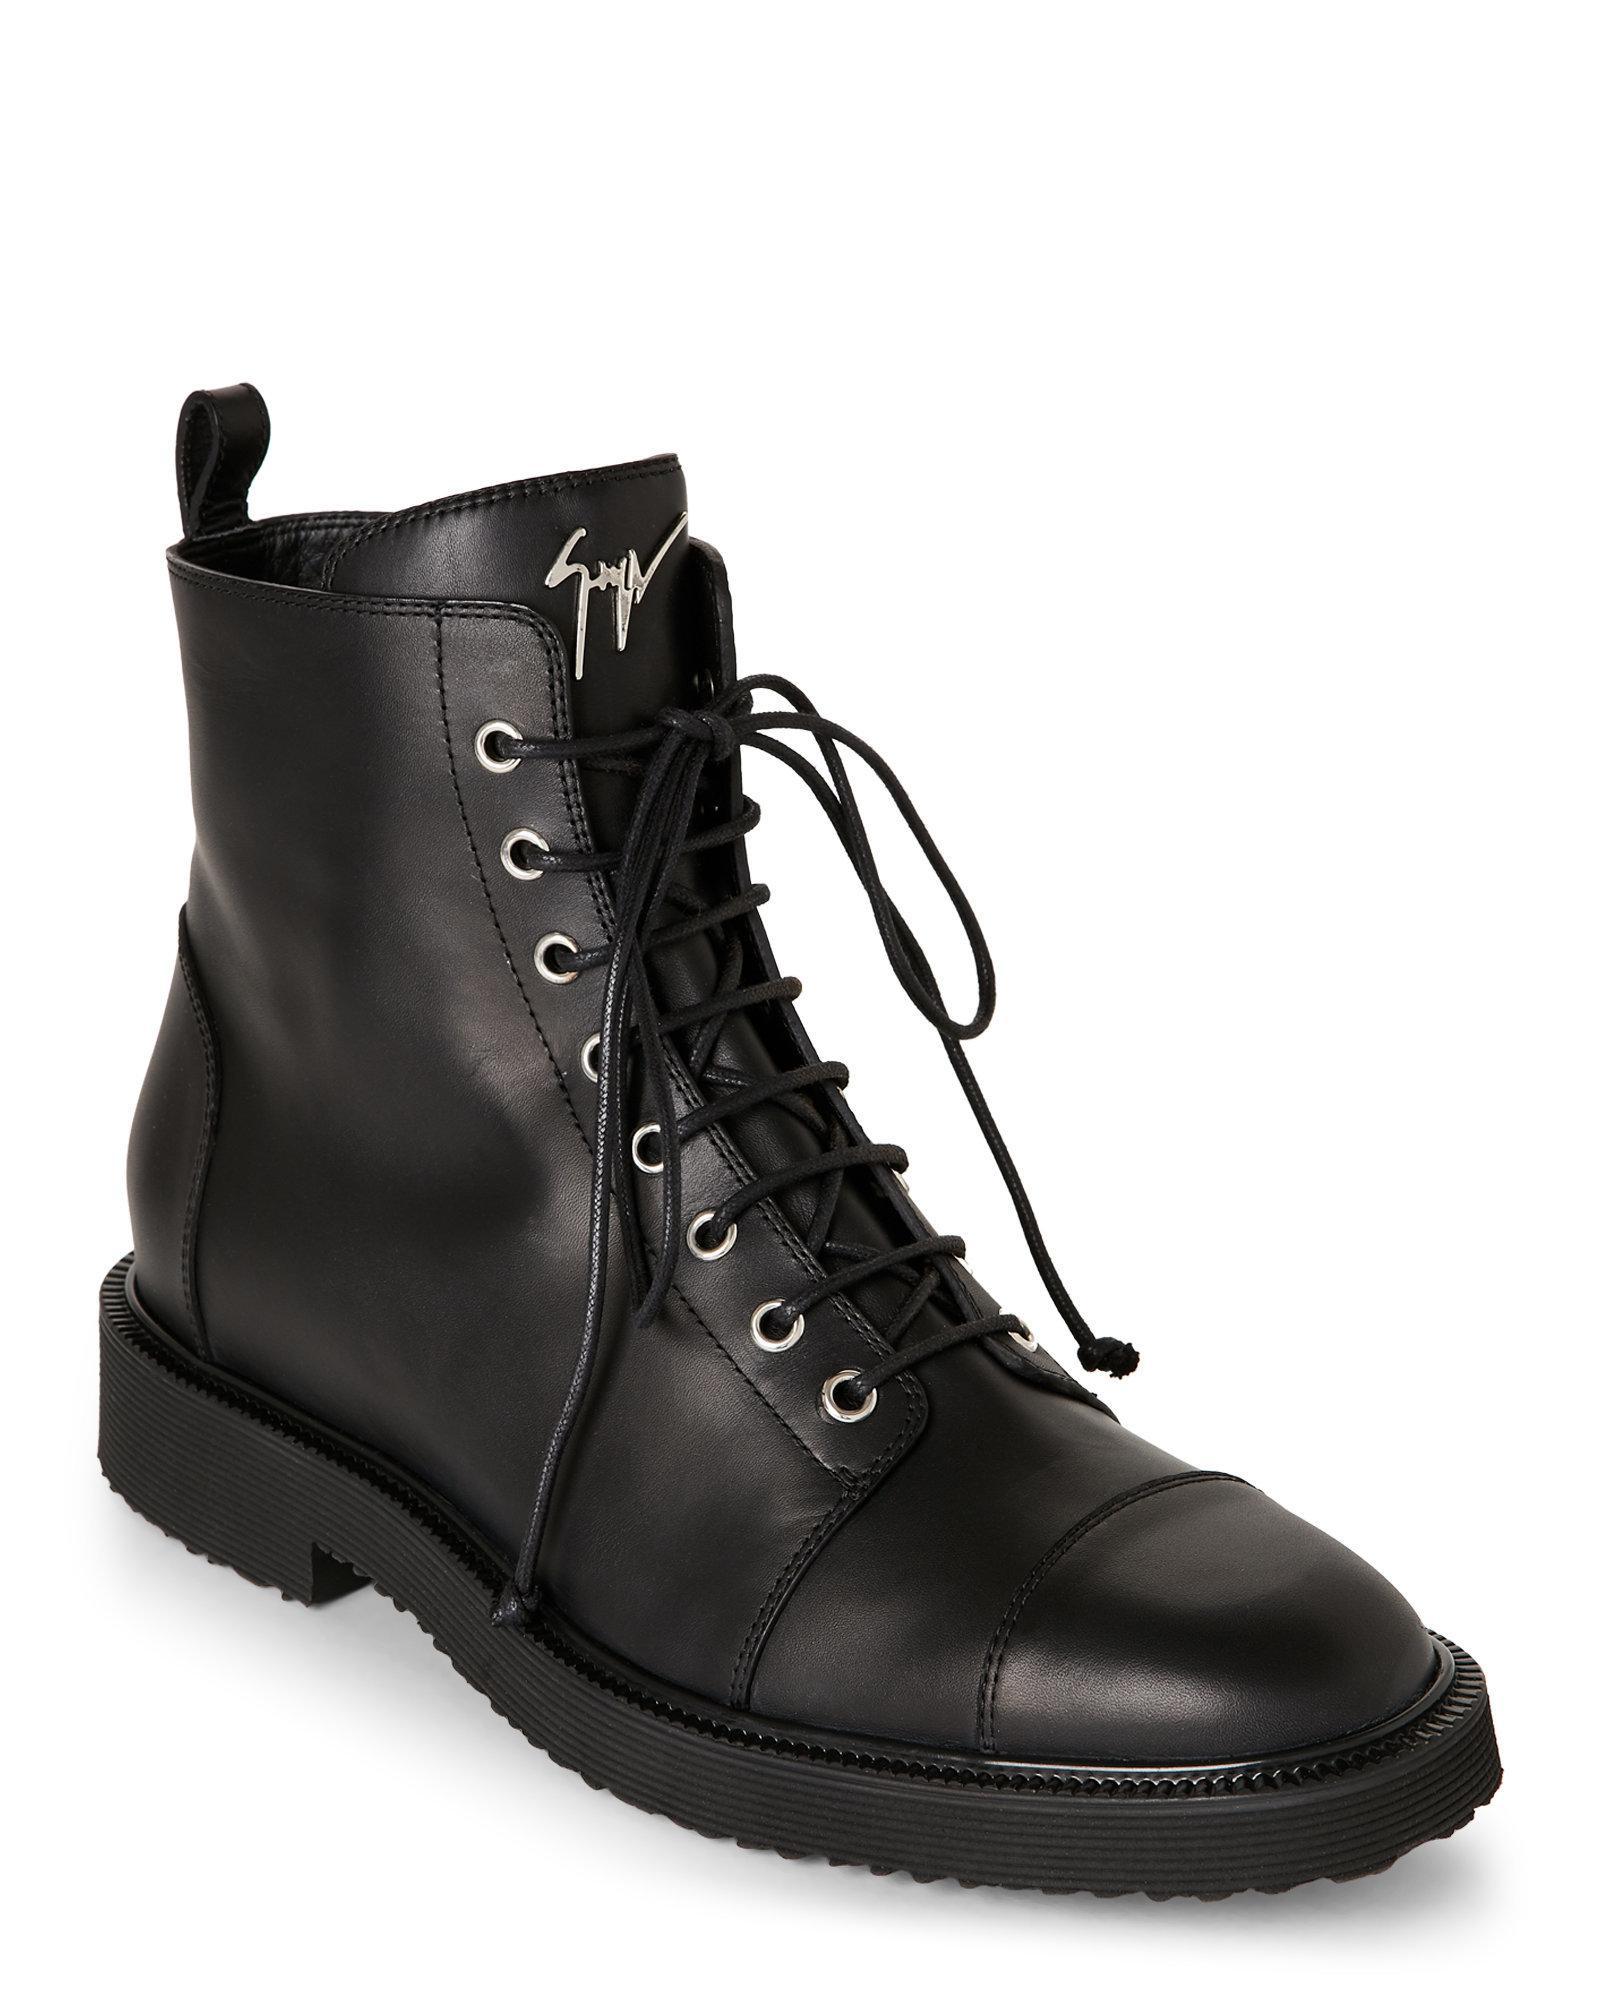 Giuseppe Zanotti Tyson Zip Boots aXctLBD4i0